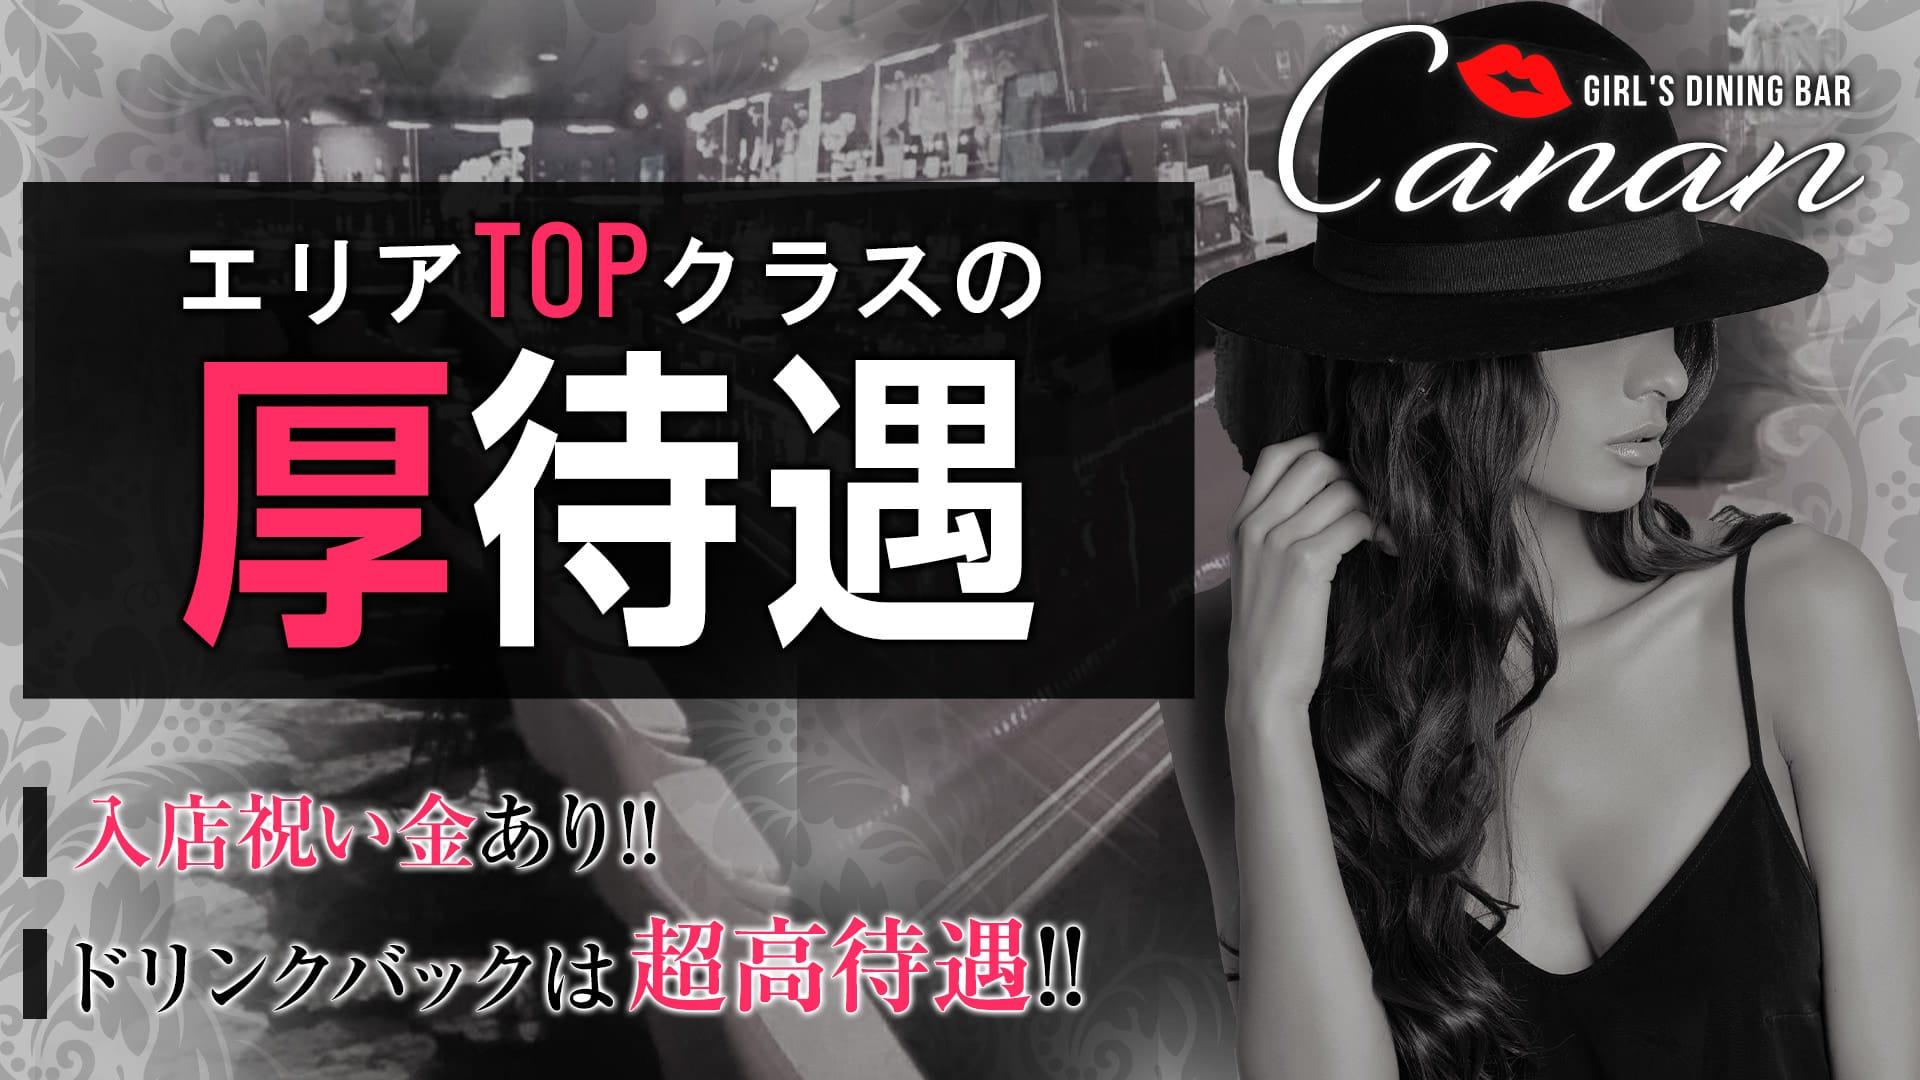 【浜松町駅前】Cafe&Bar Canan(カナン)【公式求人・体入情報】 新橋ガールズバー TOP画像